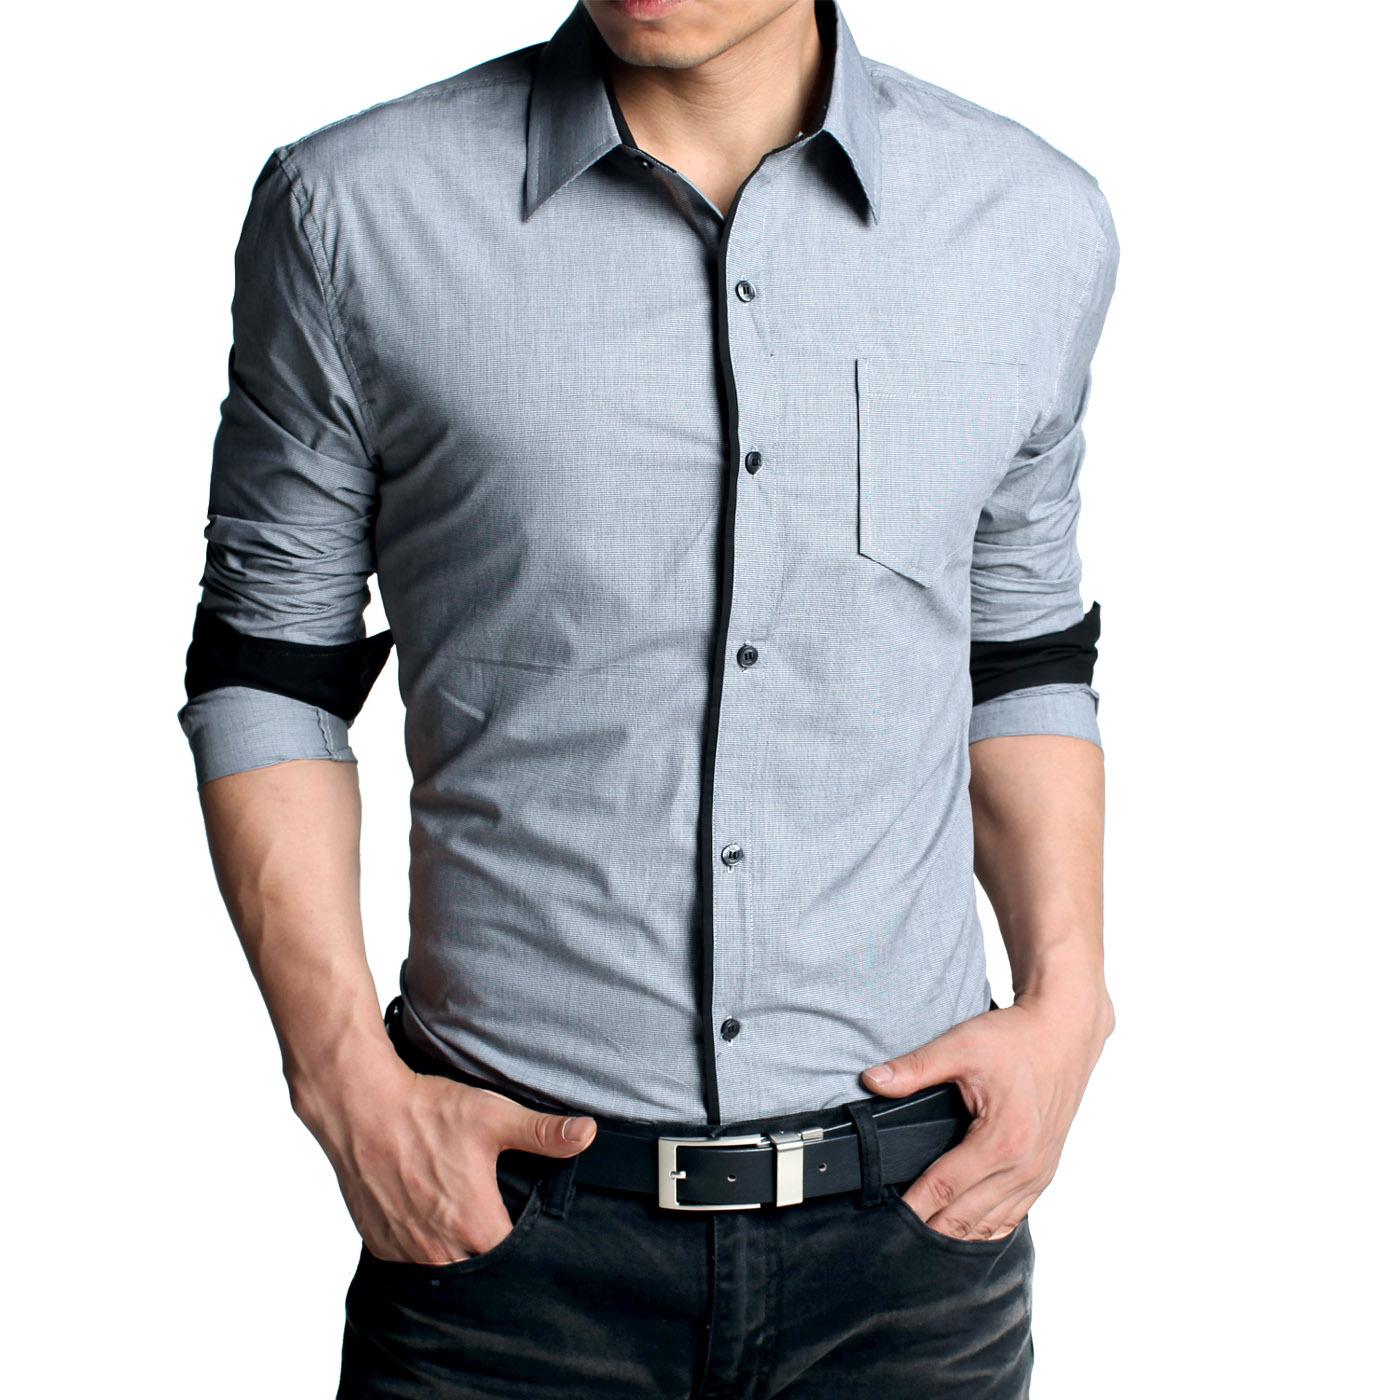 1503a6d99c0ae7a ... приталенные рубашки Фото новинки: приталенная мужская рубашка с джинсами